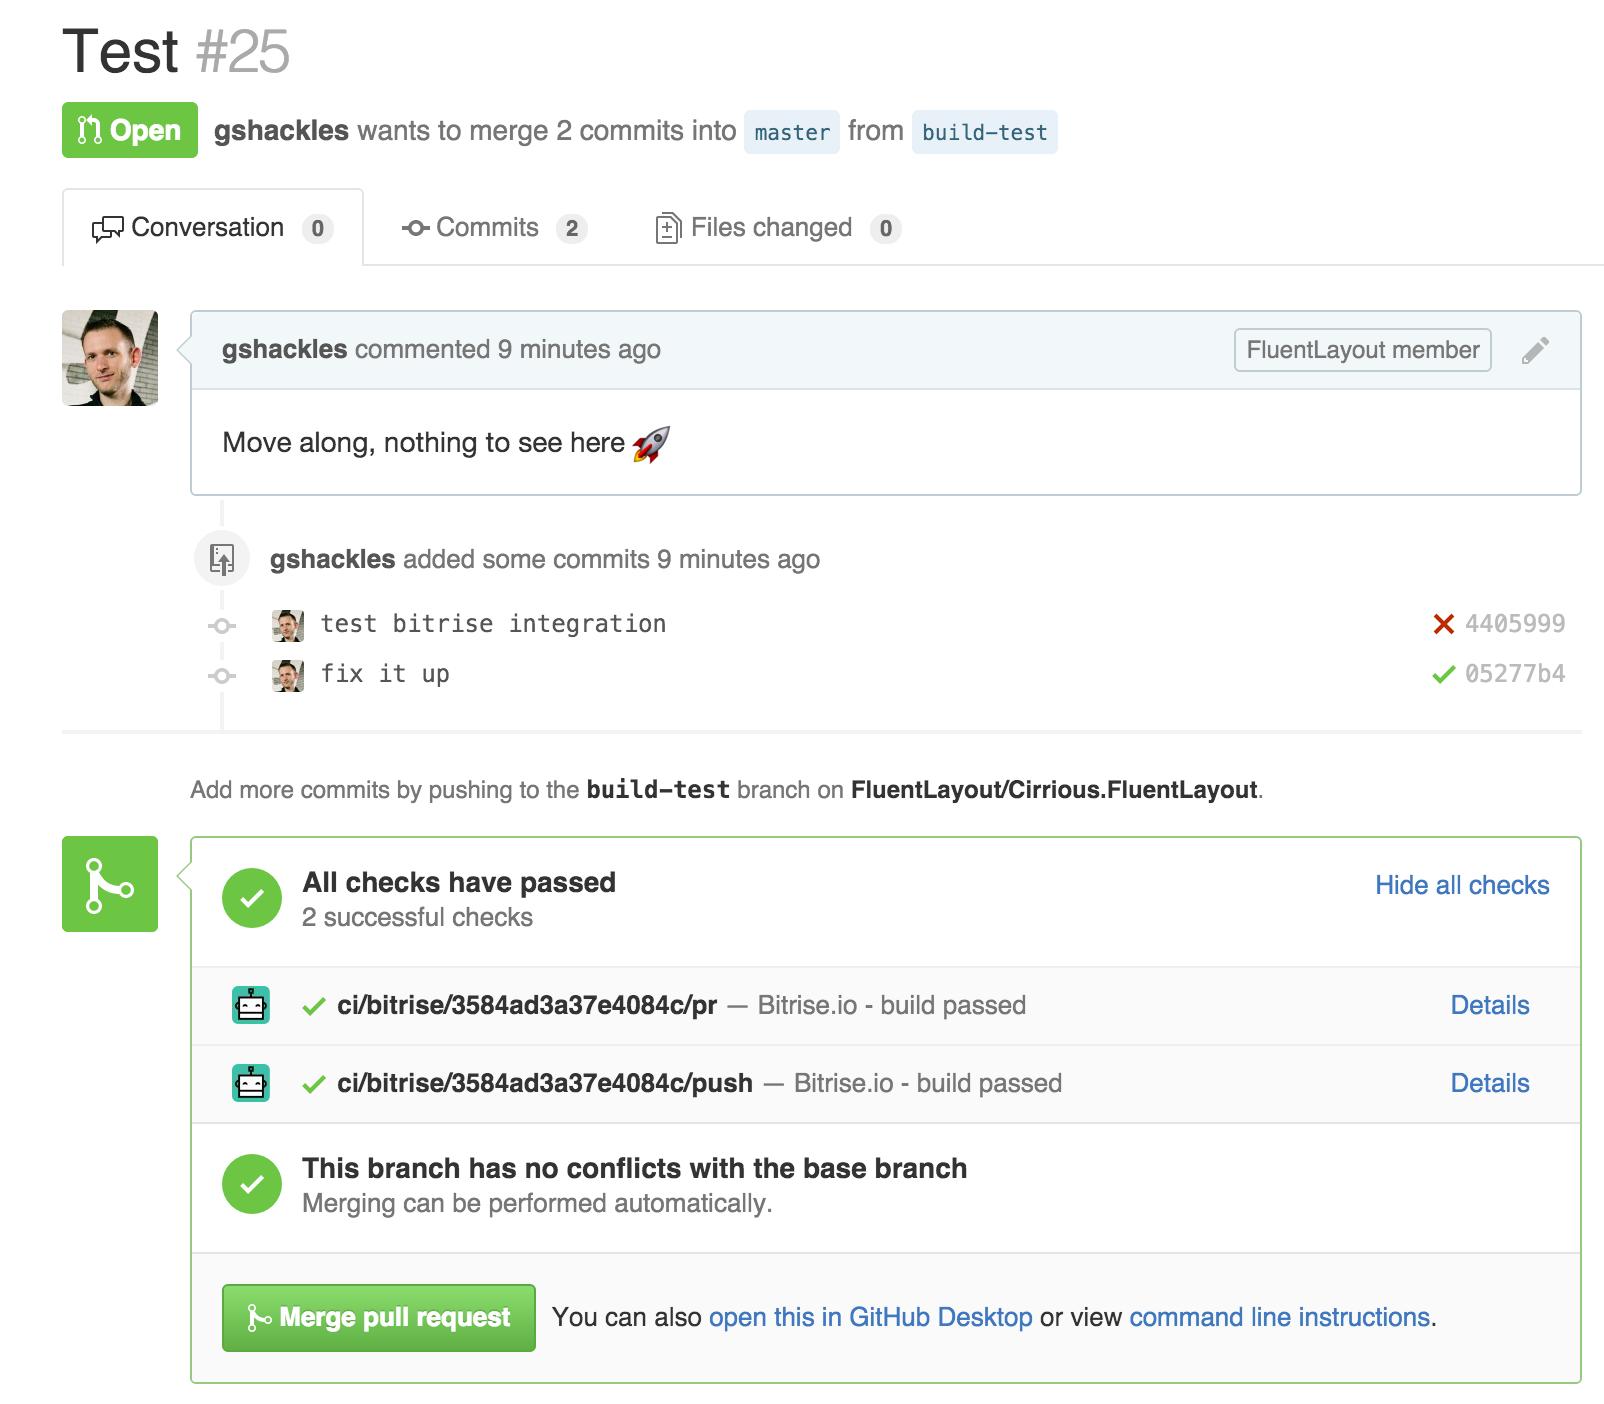 Build status in pull request